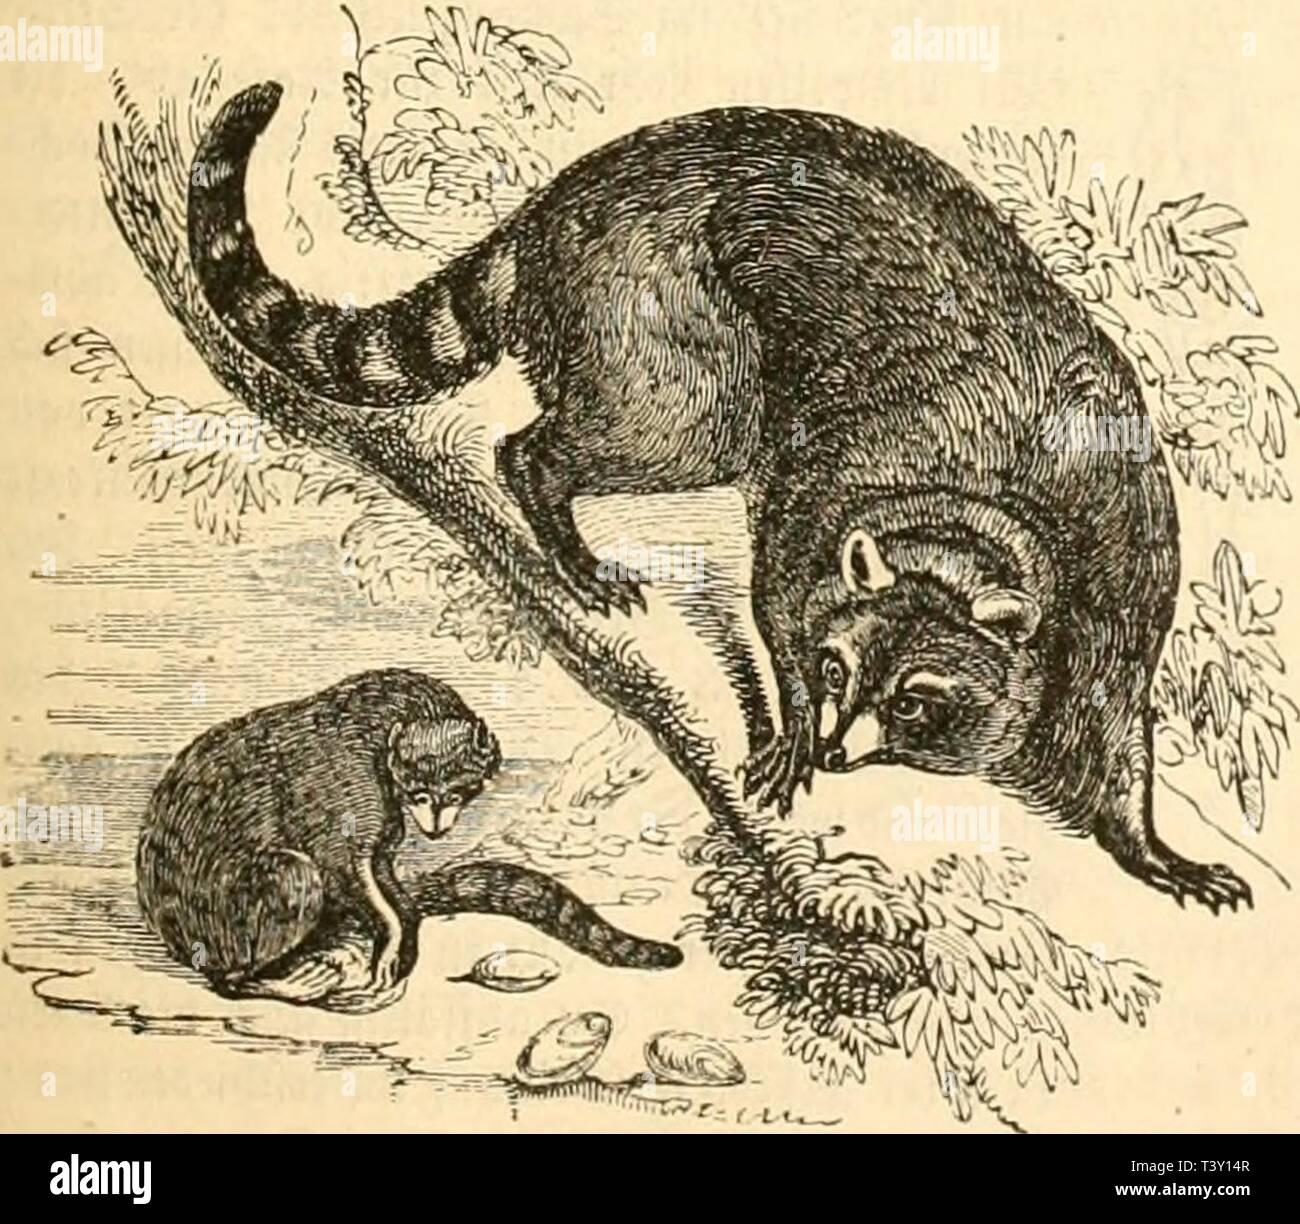 Archive image from page 224 of Die Naturgeschichte des Thierreichs (1859). Die Naturgeschichte des Thierreichs  dienaturgeschich01gieb Year: 1859  Ter nniieine SBofdjliäv. T)ie taaten Jeimat tcö äBafd;bären liegt in ten inn-eiiiten Si'iMtamerifaö, wo er bi« in Tic iiclargegenten 7iu. 3öi    Tel- sjdiieiiie aL'afilil-ai-. mung ift ober irgenti etipa« Sntereffante« auf tcr pur bat, fd'ivft er leidn unt bebenb taliin, fteüt fidi fpäbent auf tie ,*}intcrbeine, flettert gefducft unt fdined ron St]! ,;u »>lft. Smige «Icbren i'cn aJiat«, 3urfcrrcbr, Slepfcl, Äaftanien, SBeintraubcn »äbtt er jur * - Stock Image